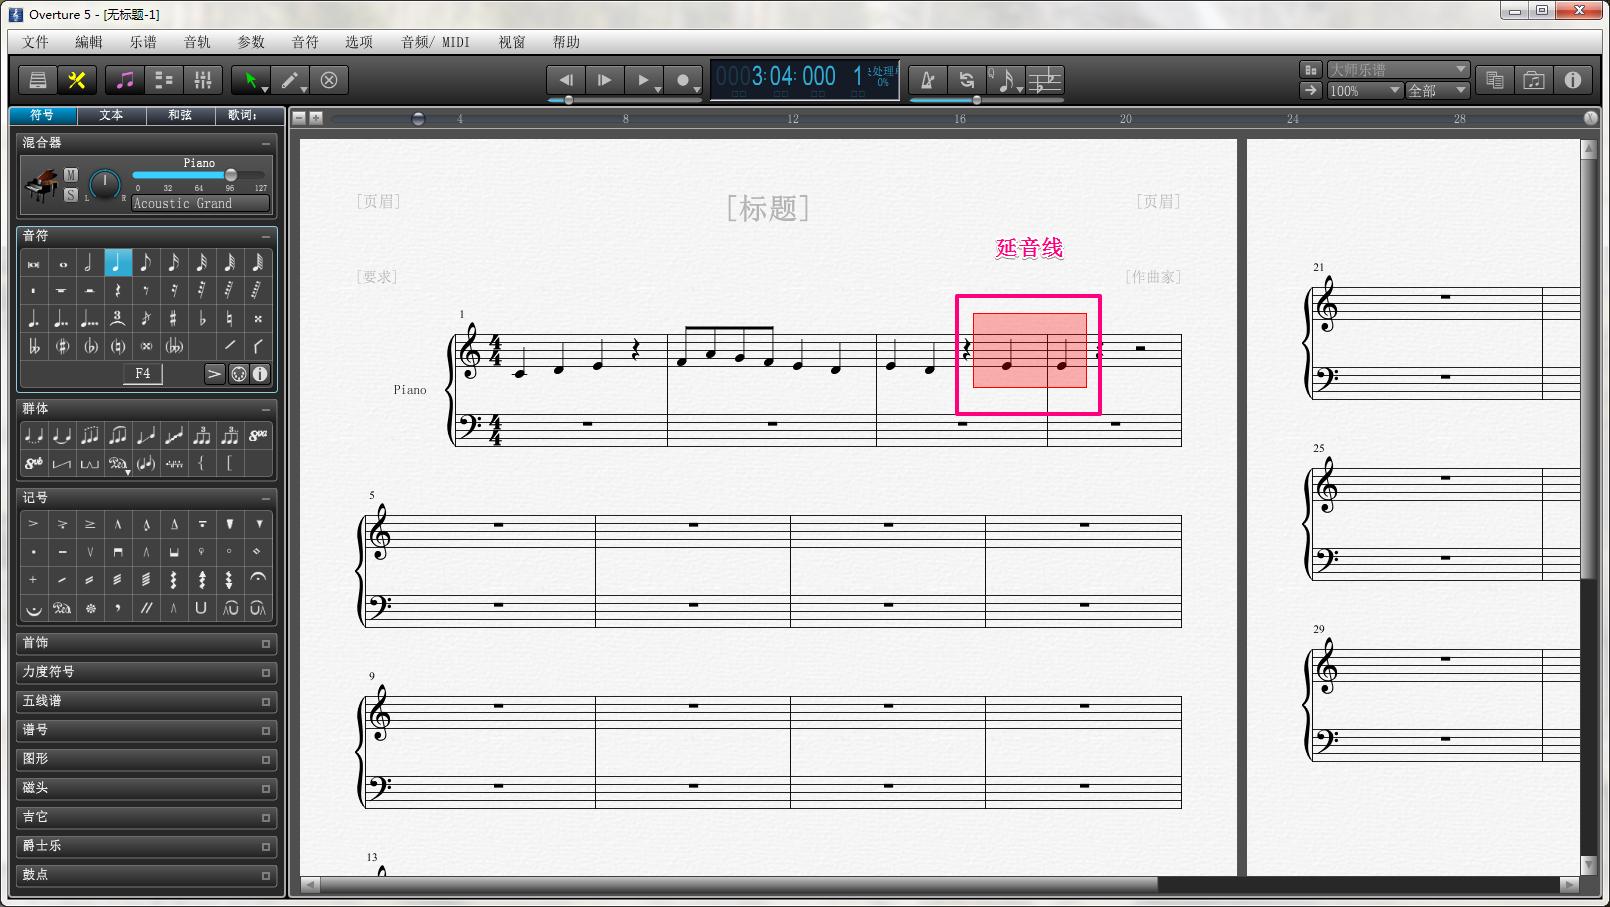 乐谱软件Overture添加延音线